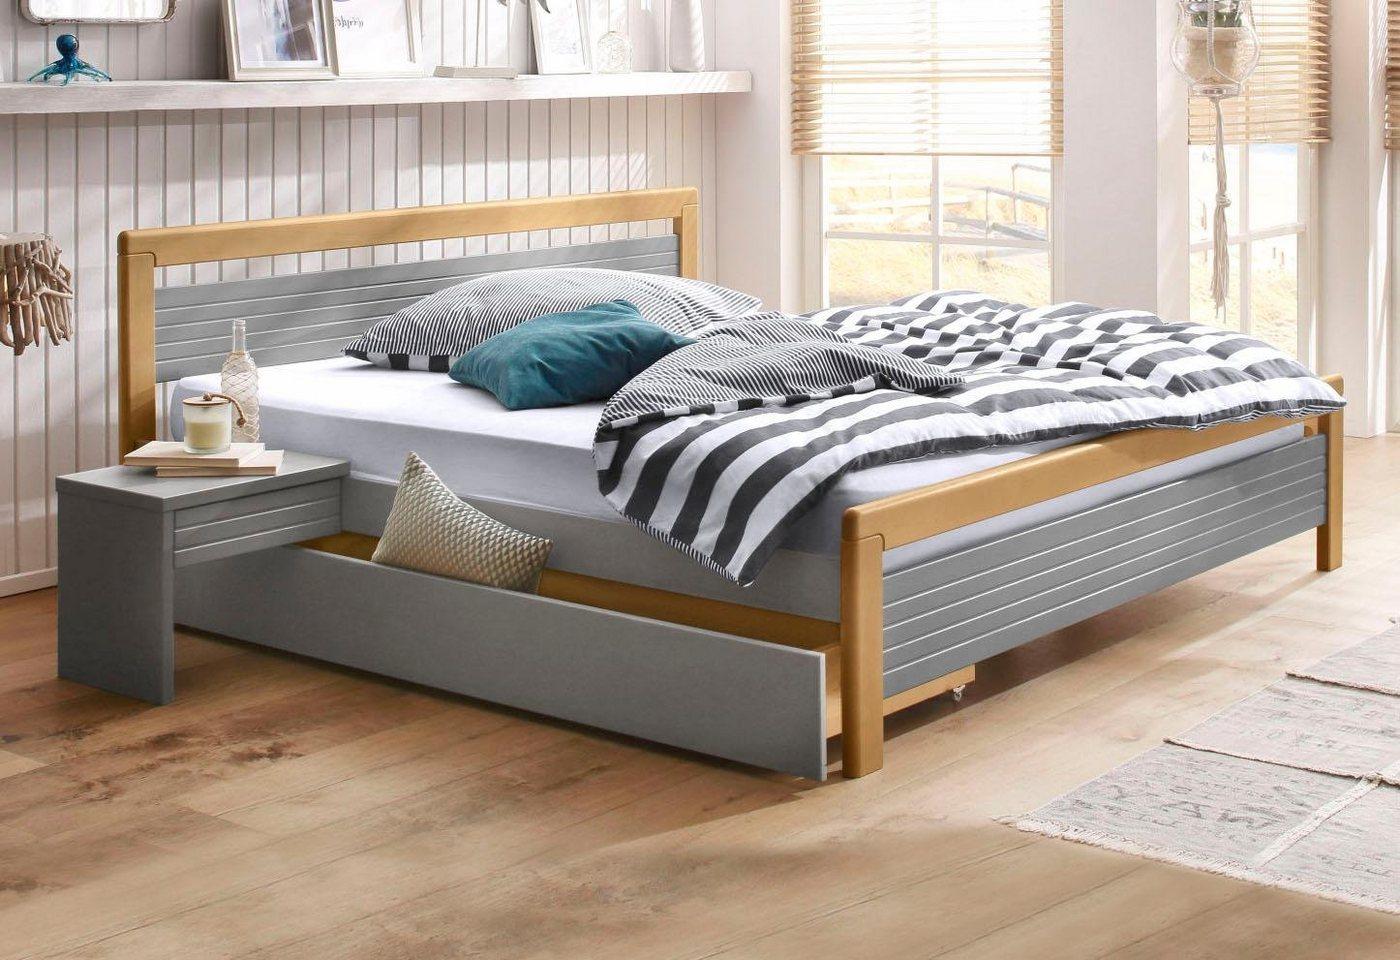 HOME AFFAIRE Bett CAPRE - 160x200 cm / grau-eichefarben